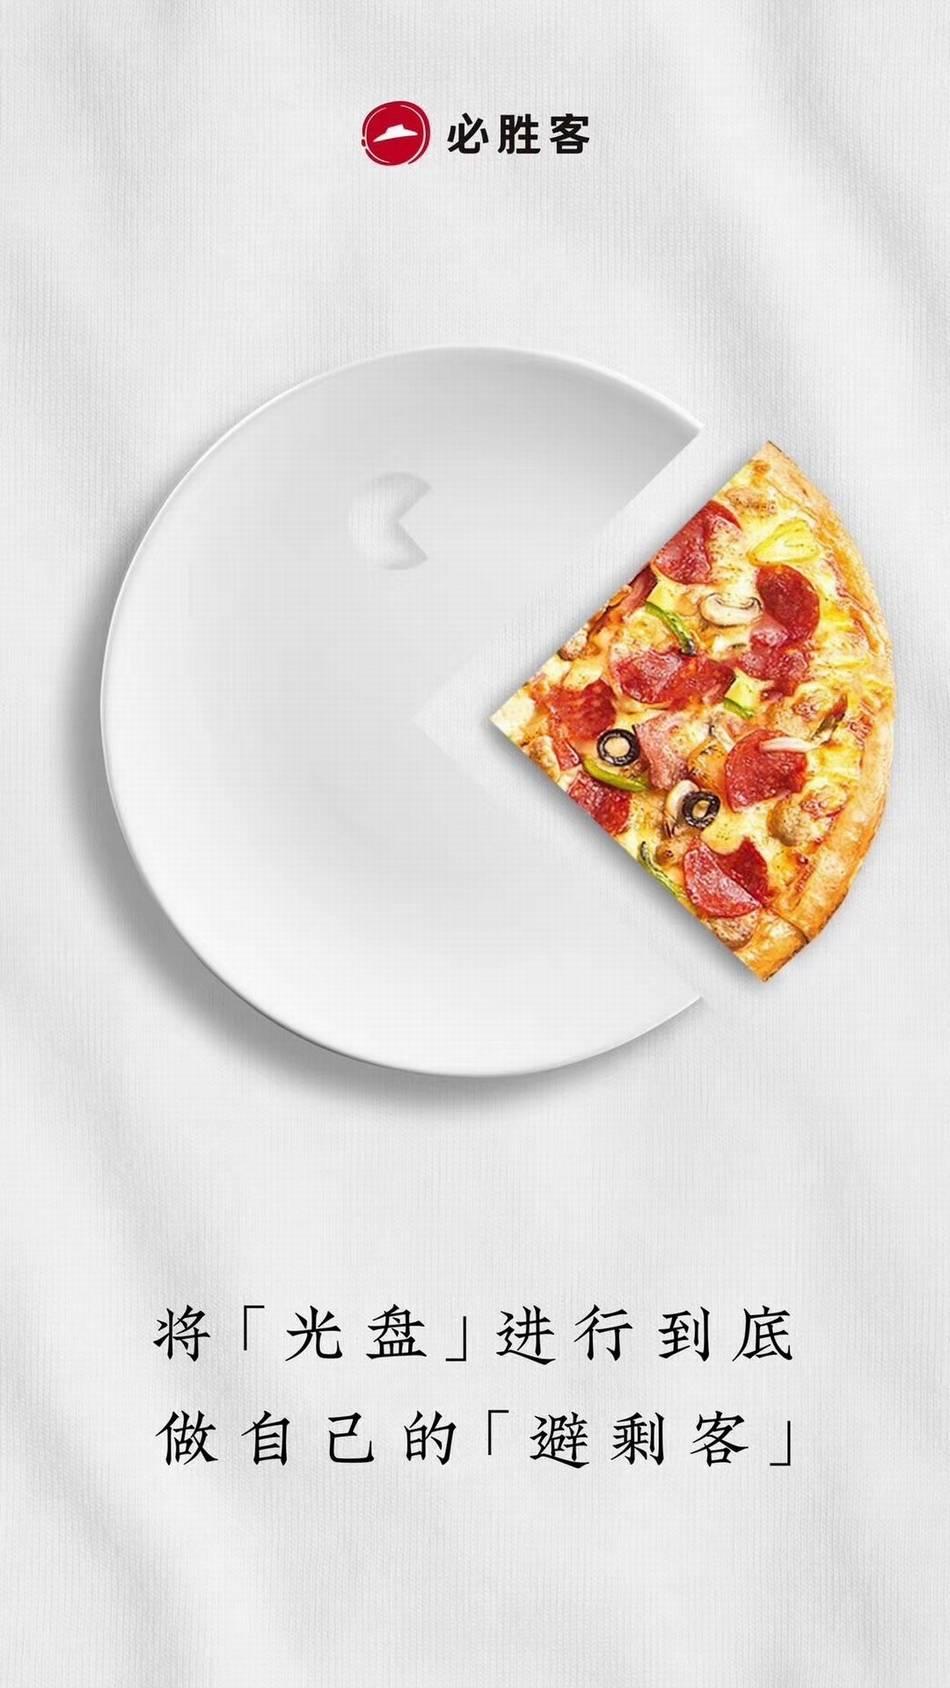 """必胜客餐厅""""光盘行动""""的提醒。必胜客供图"""